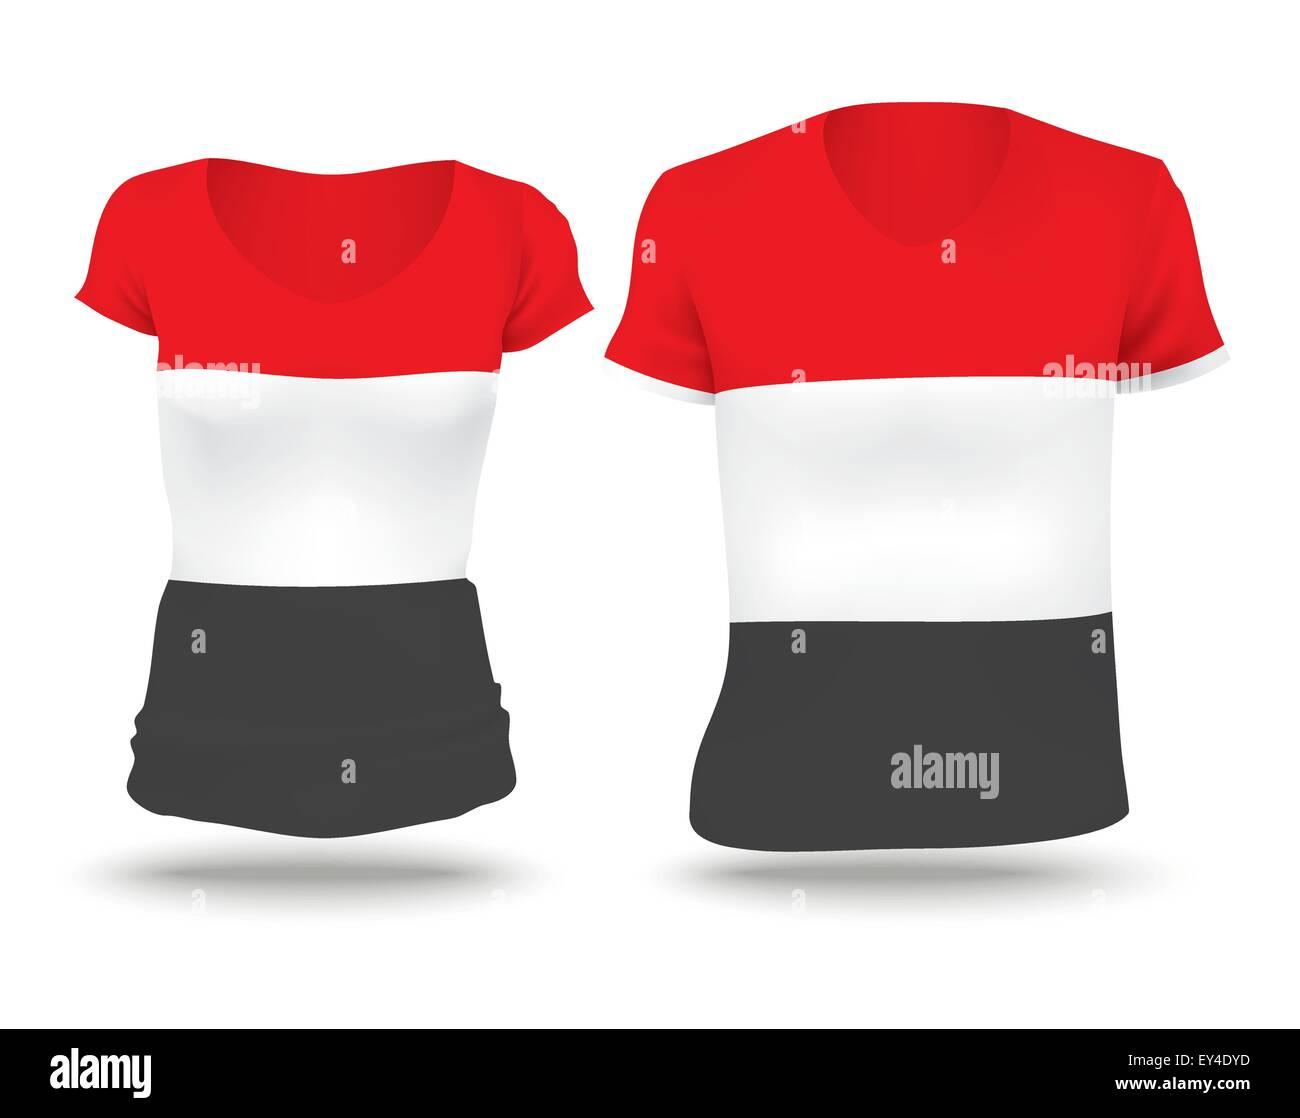 Flag shirt design of Yemen - vector illustration - Stock Vector